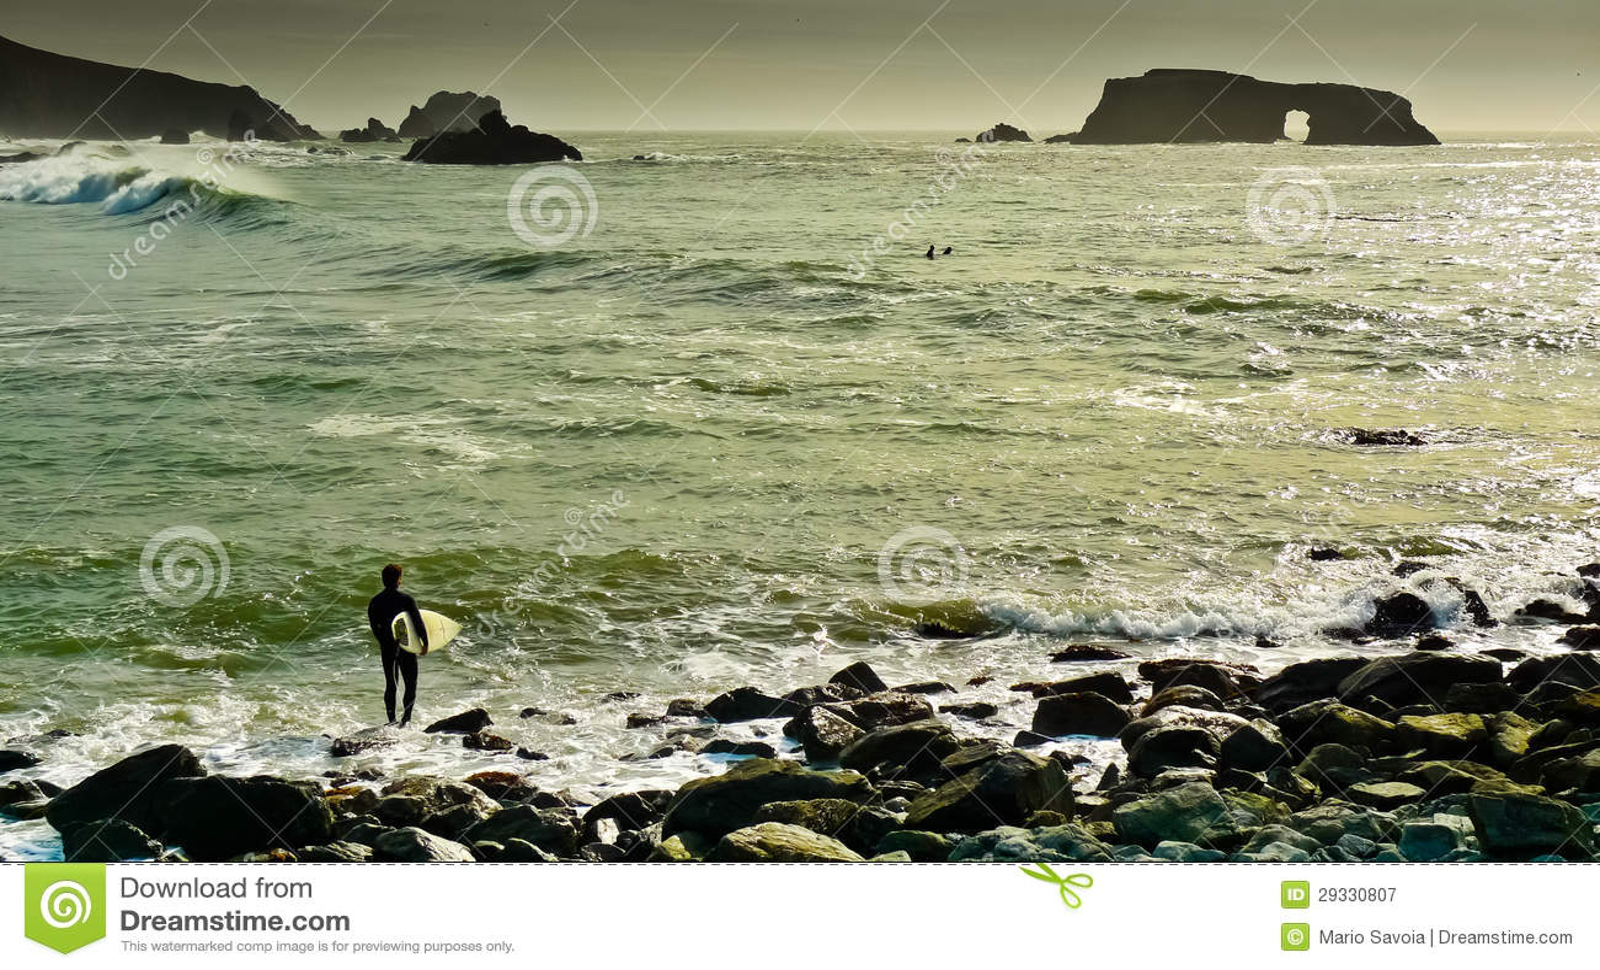 Praia arqueada da rocha